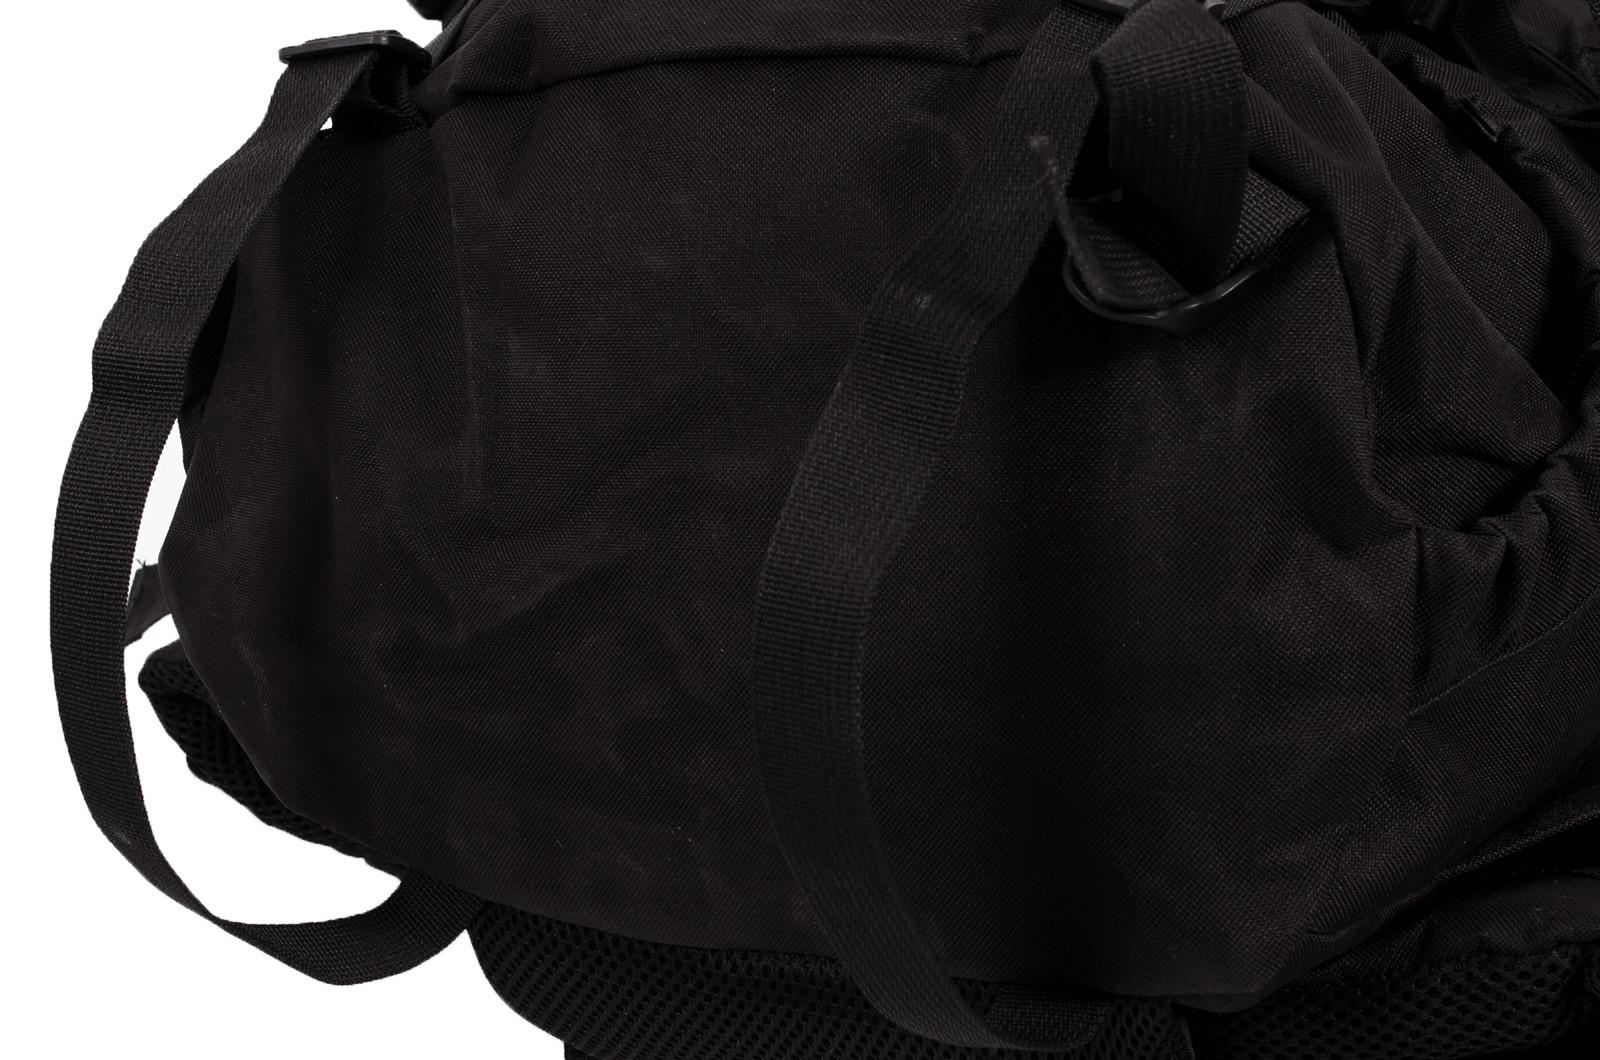 Многодневный серьезный рюкзак с нашивкой Рыболовный Спецназ - заказать в подарок